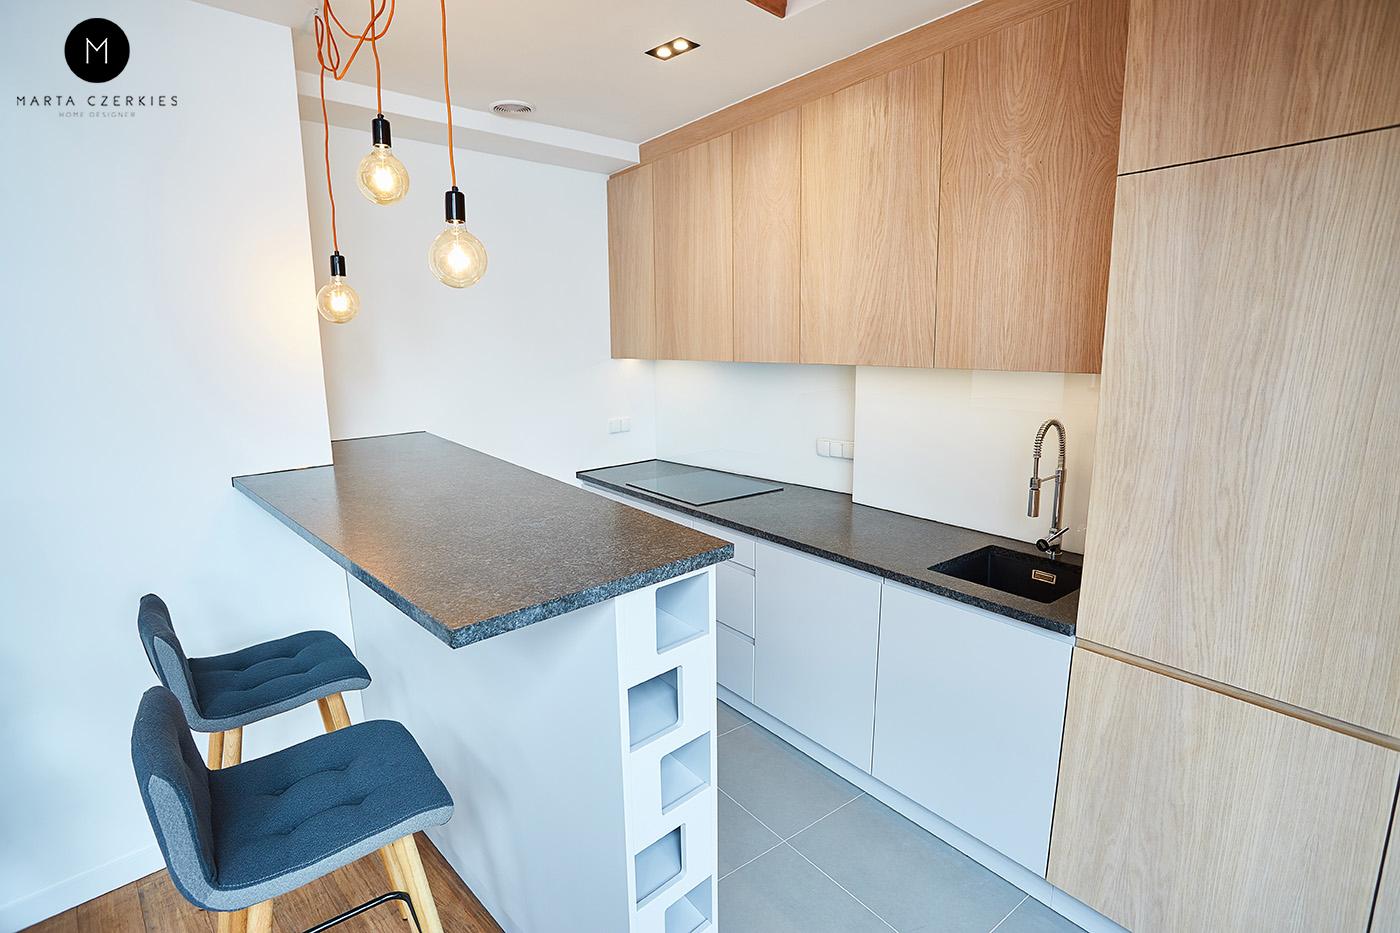 biała kuchnia z dodatkiem drewna